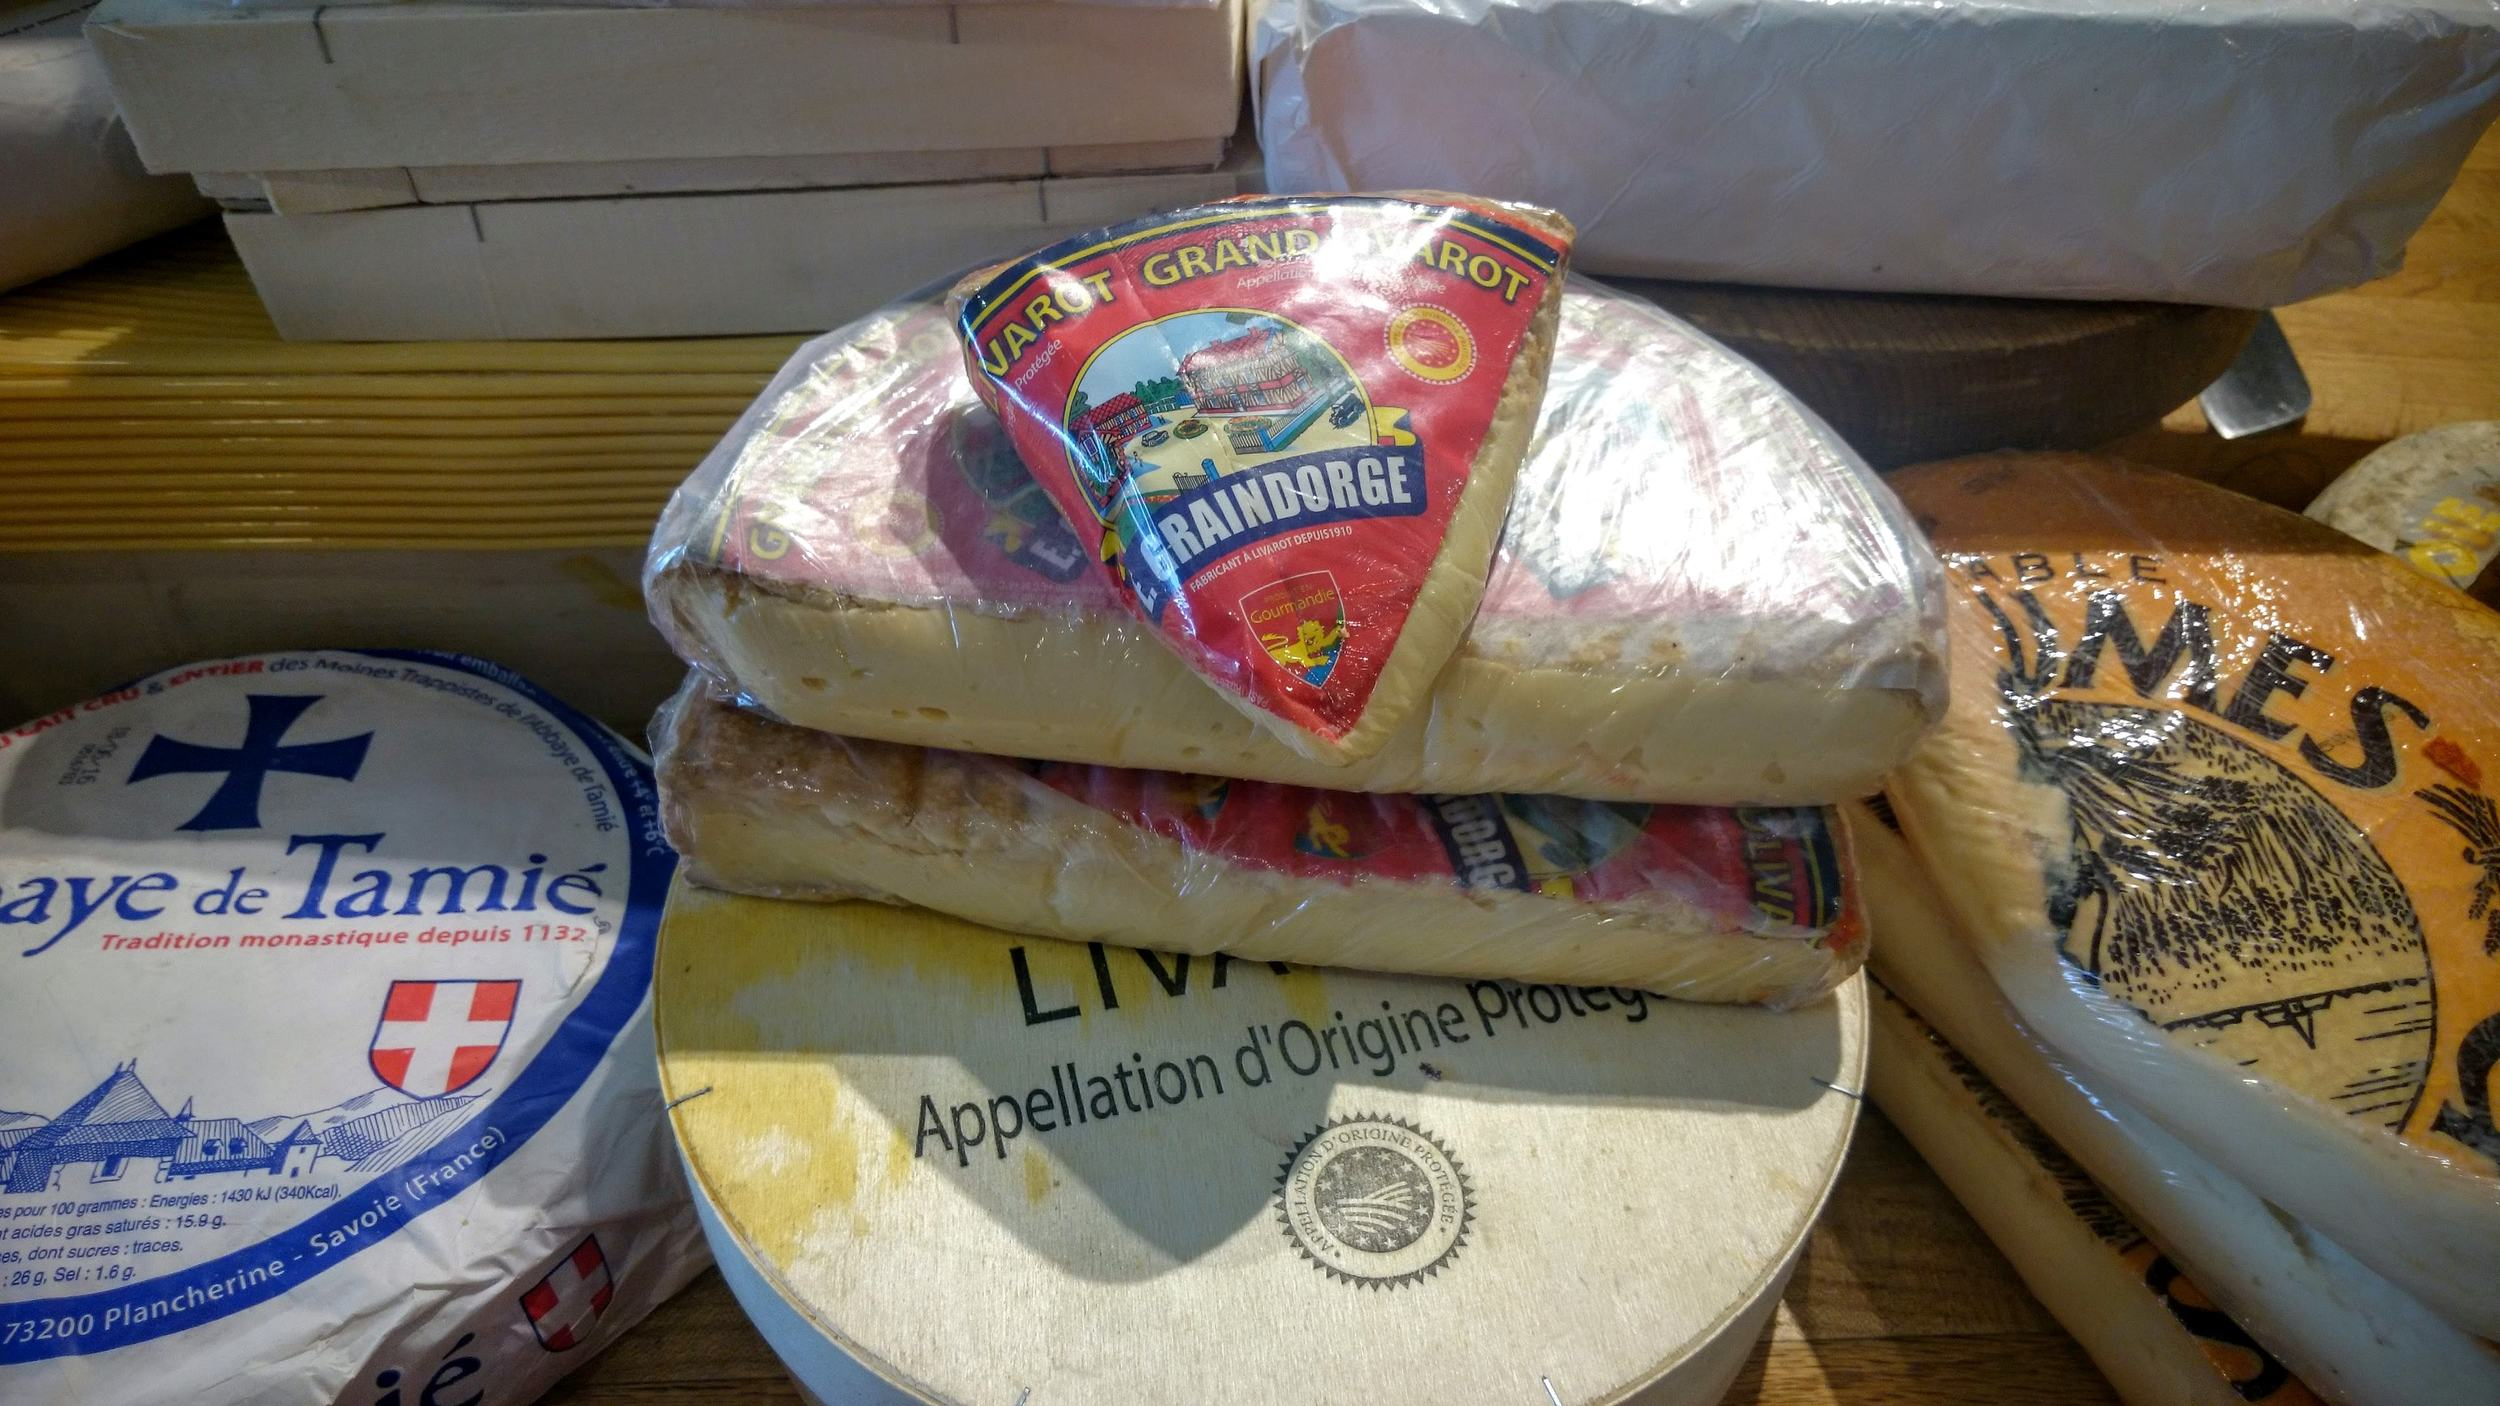 graindorge-cheese-store-beverly-hills.jpg